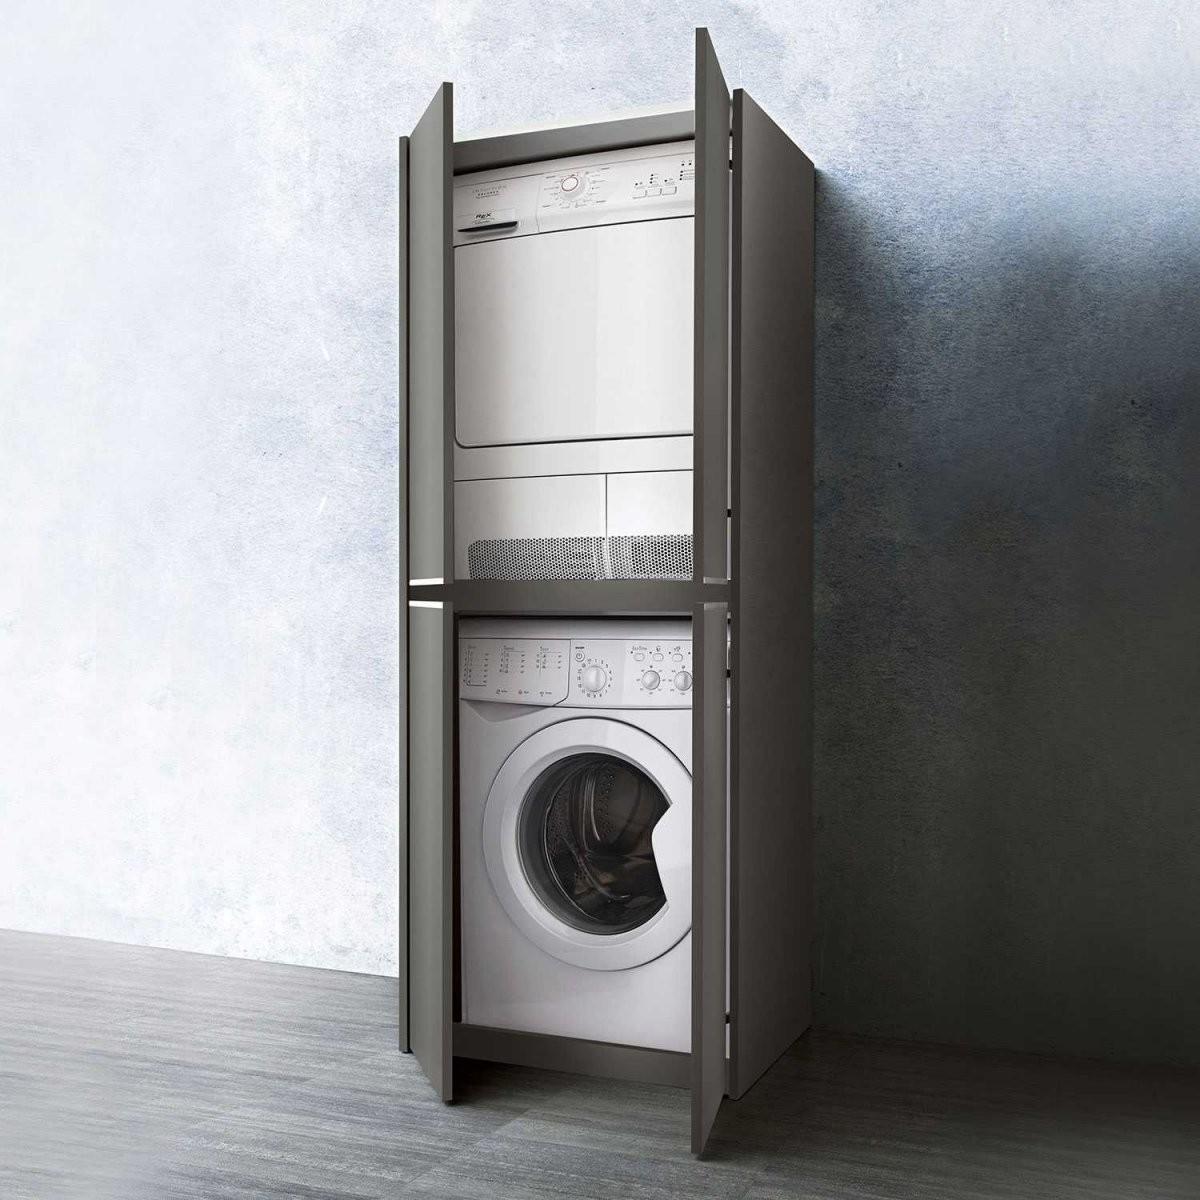 Blizzard Hochschrank Für Waschmaschine Und Trockner  Arredaclick von Schrank Für Waschmaschine Und Trockner Übereinander Ikea Bild